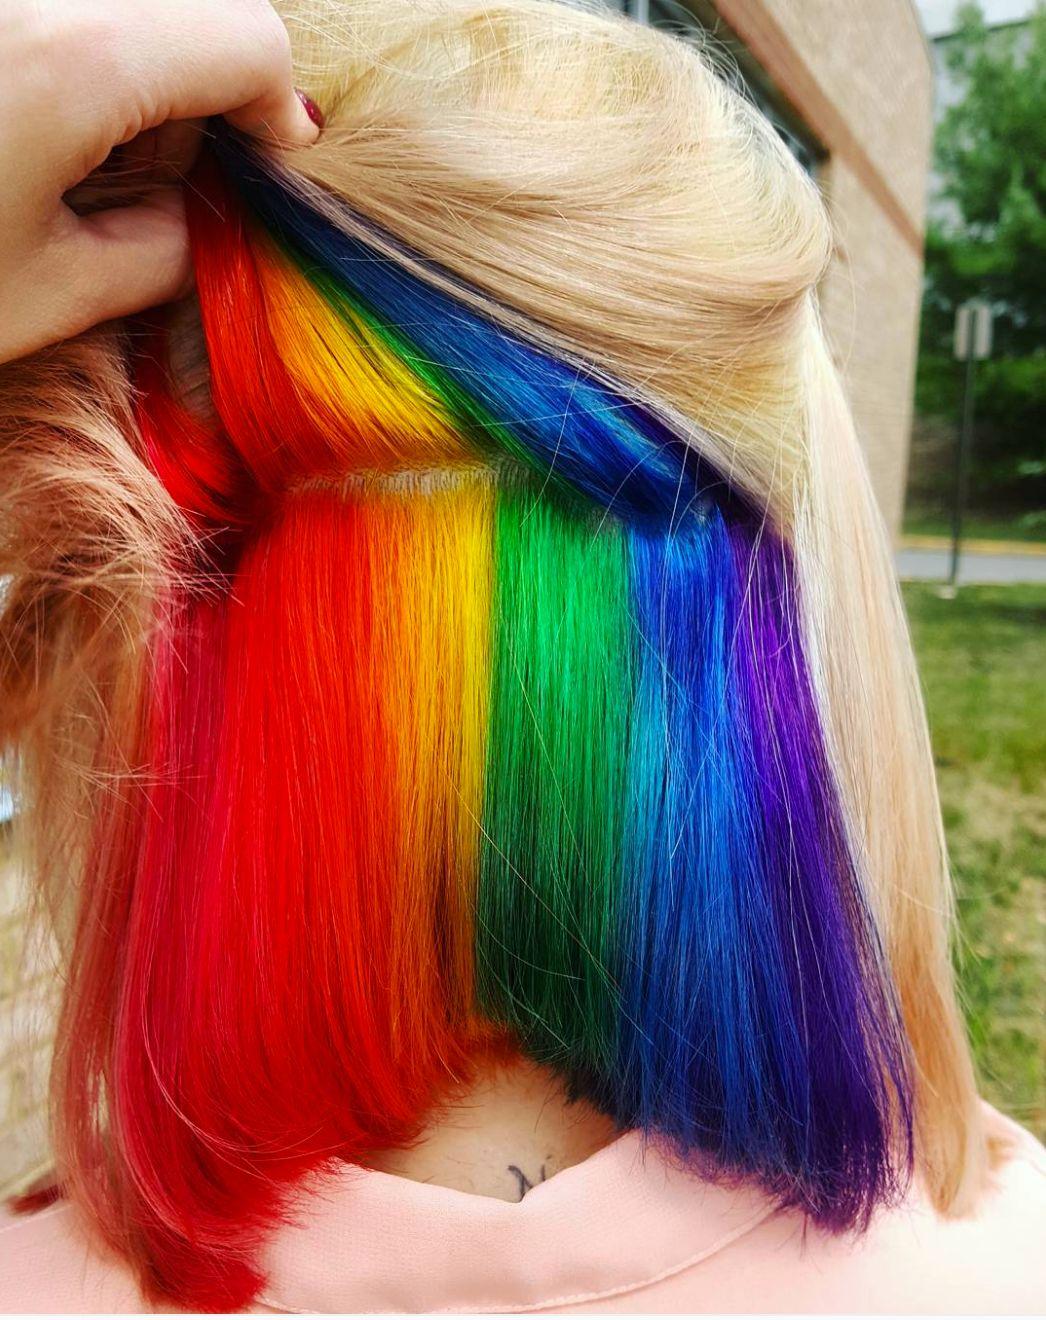 'hidden rainbow' hair trend